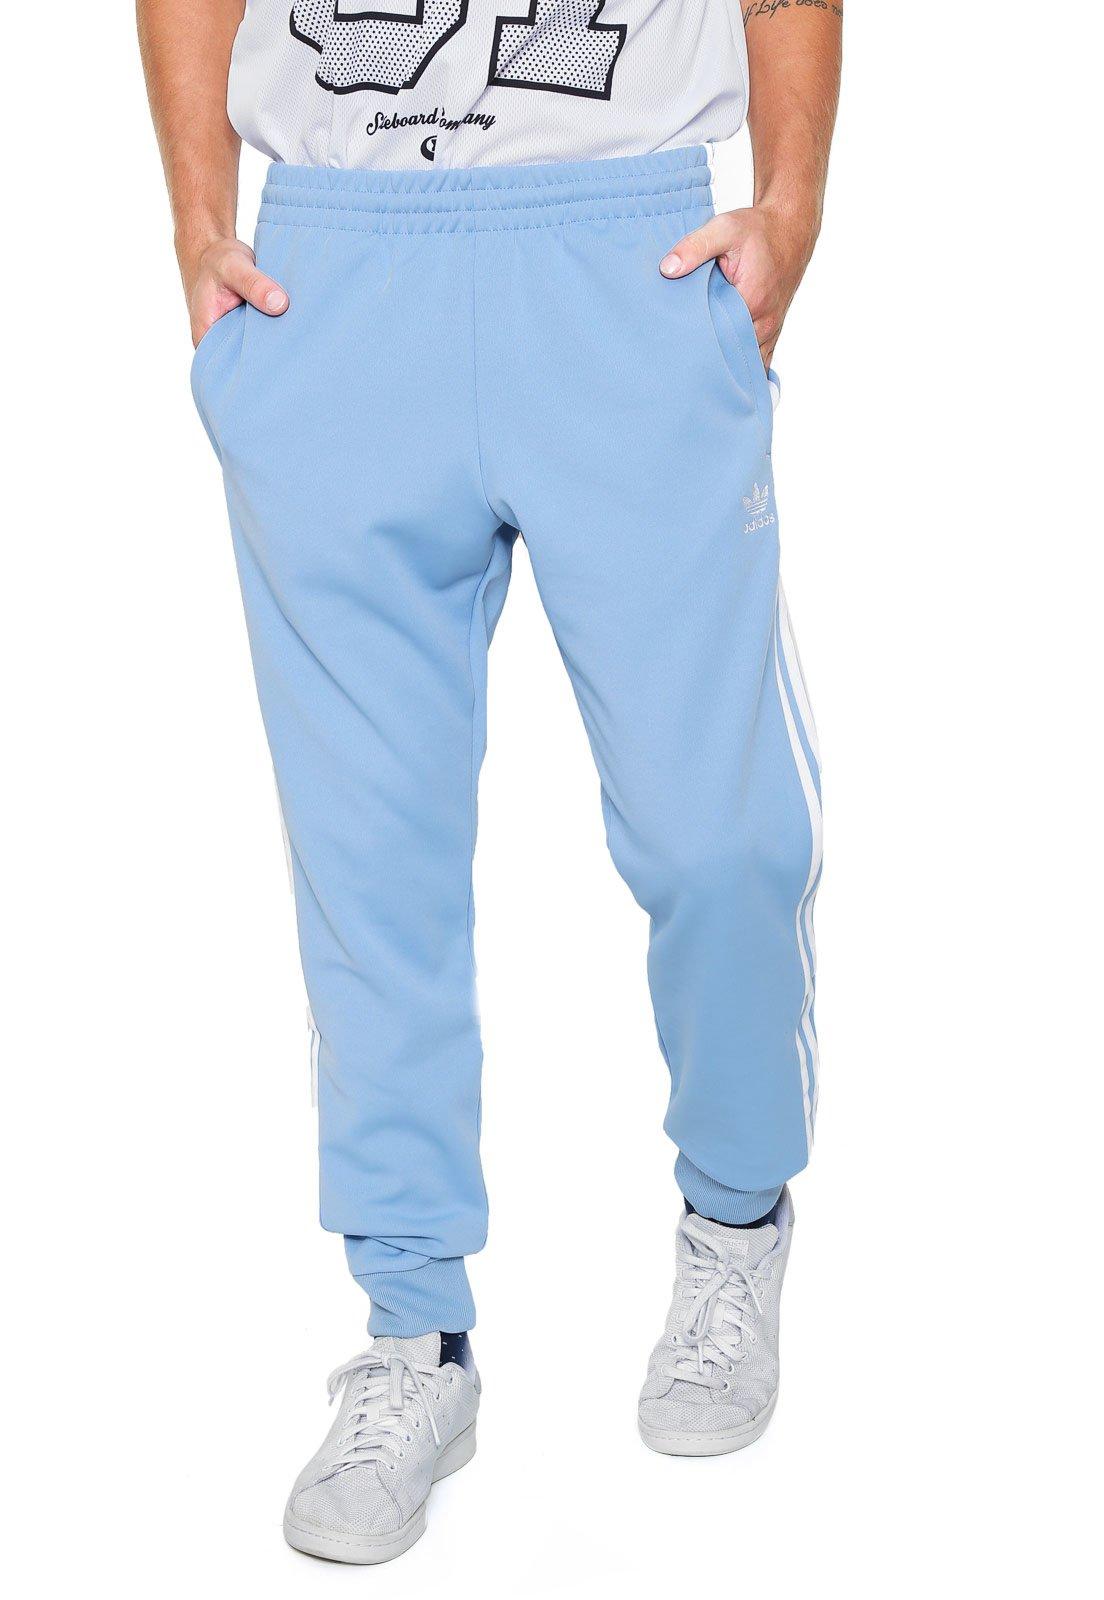 Calça Jogger adidas Originals SST TP Azul Branca - Compre Agora ... f61705f8947ca